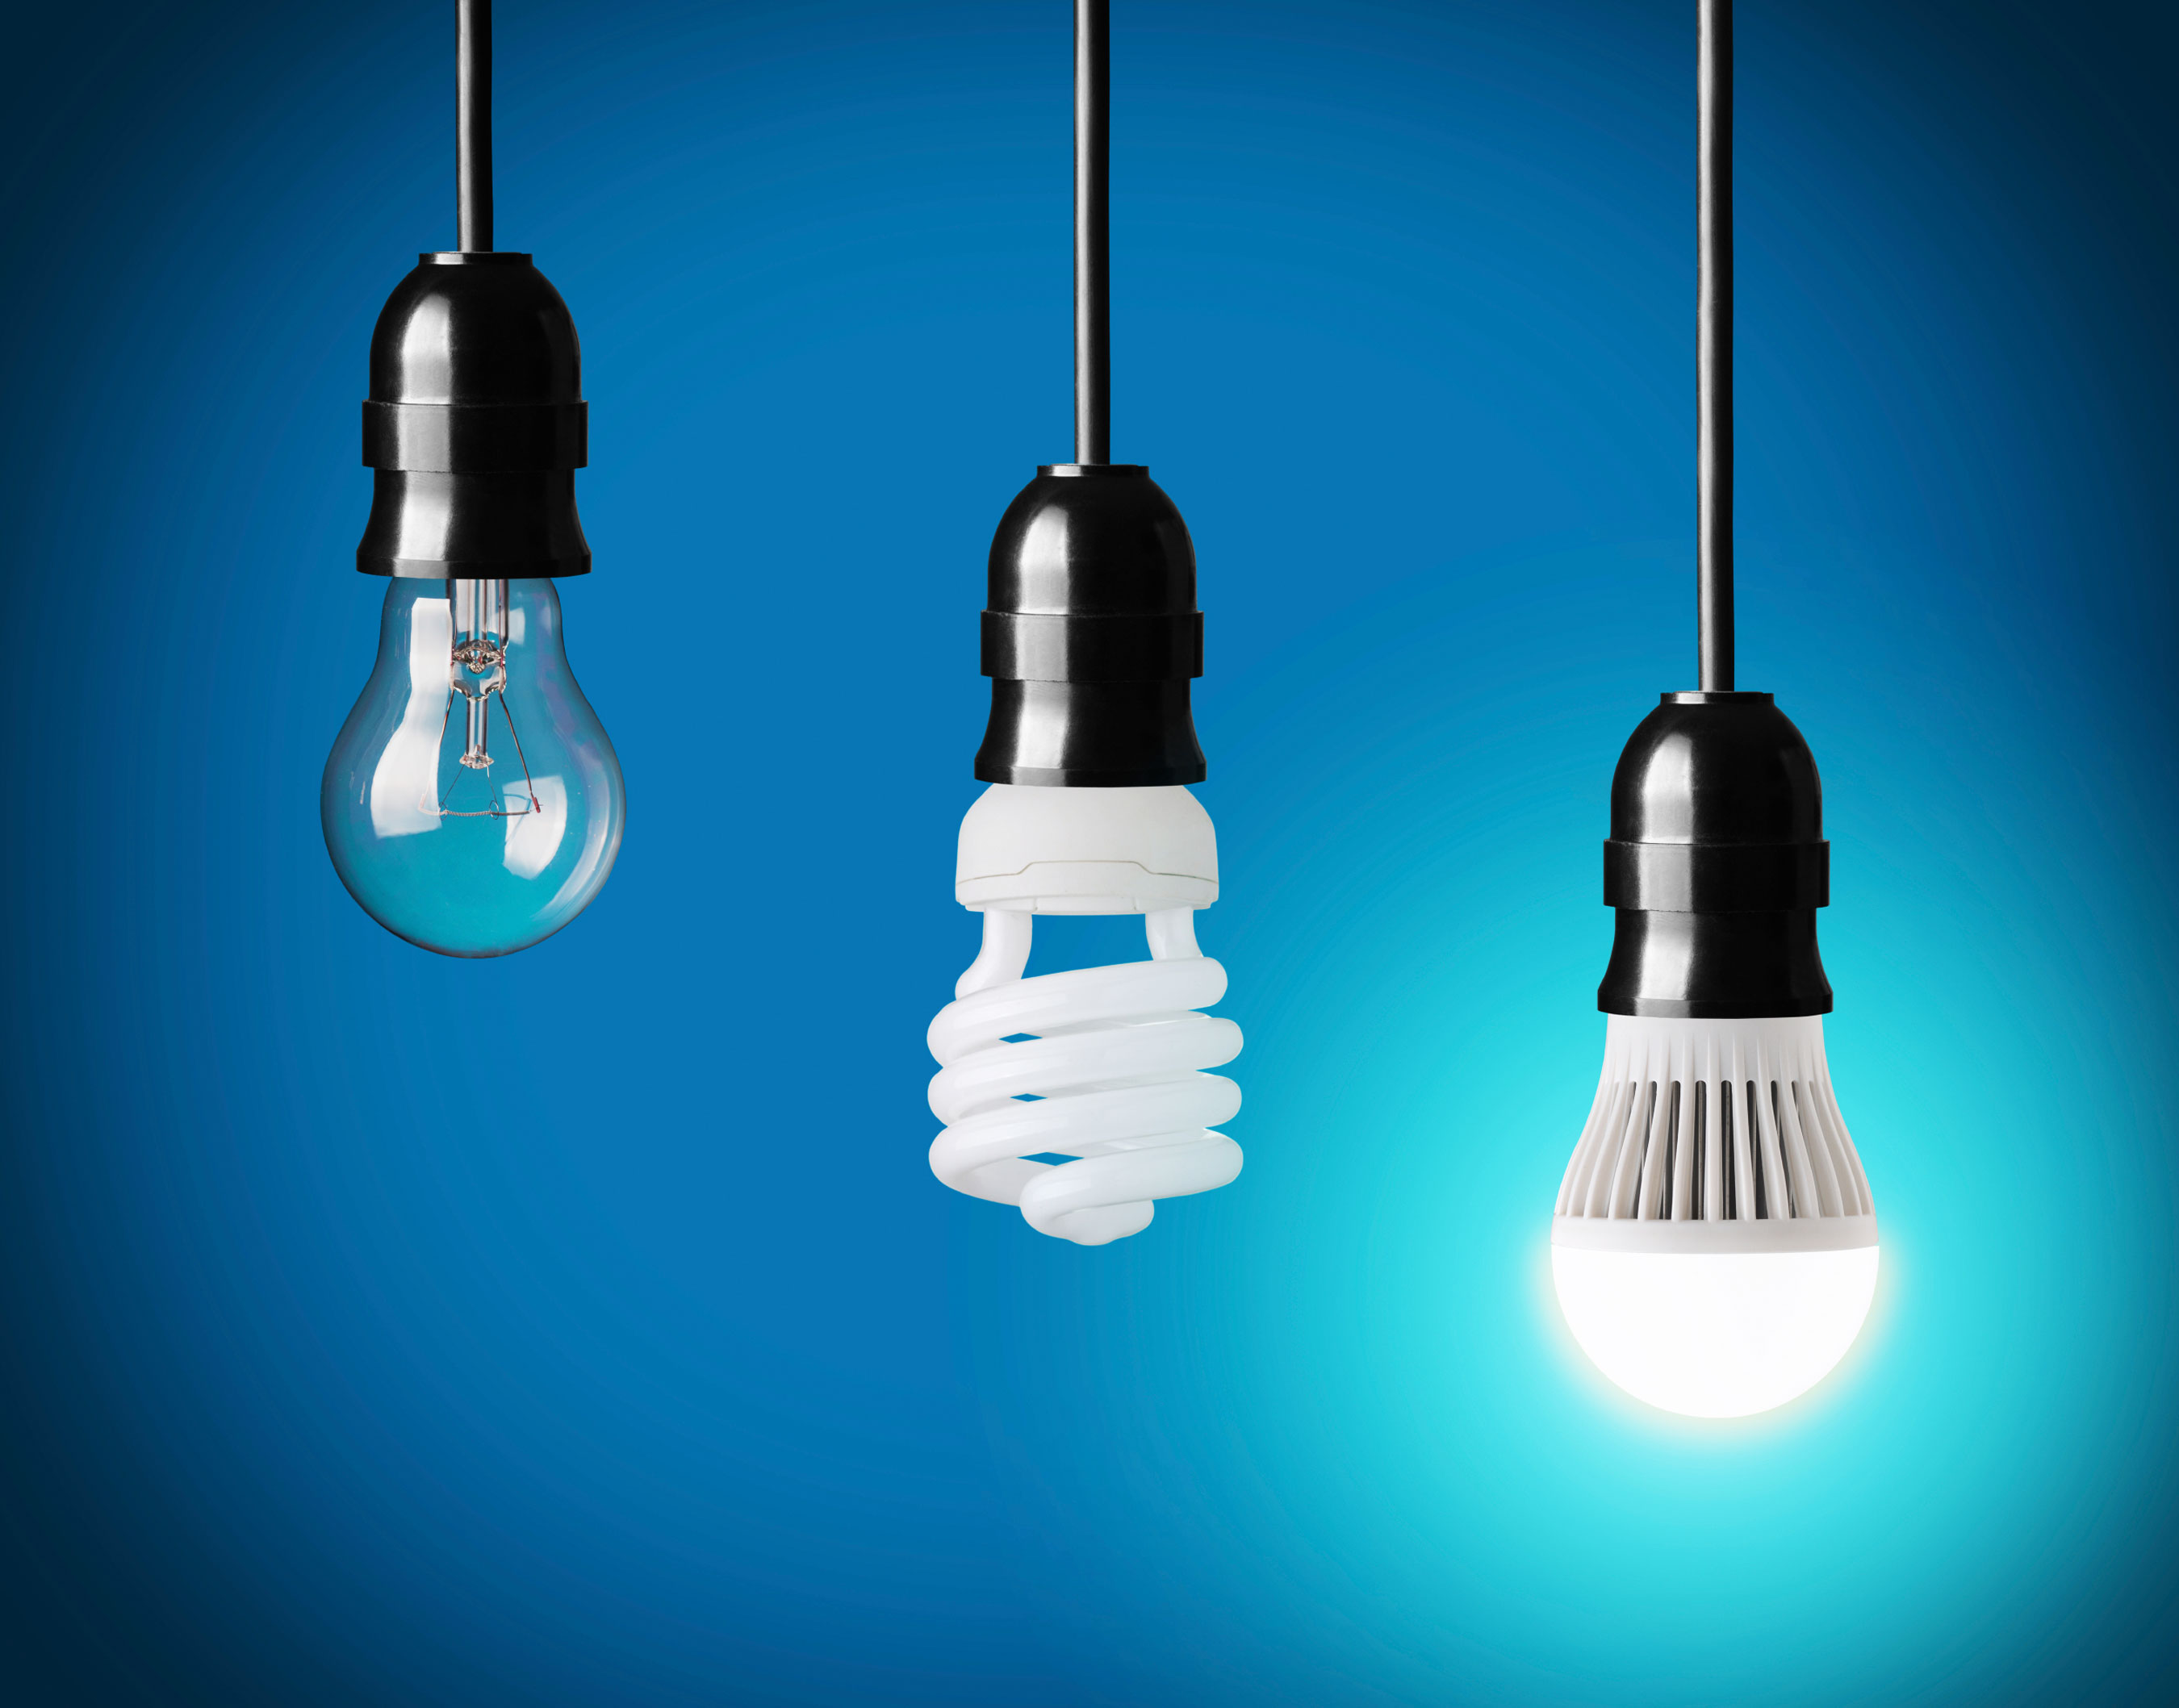 Разница между люминесцентной и светодиодной лампой: итоги